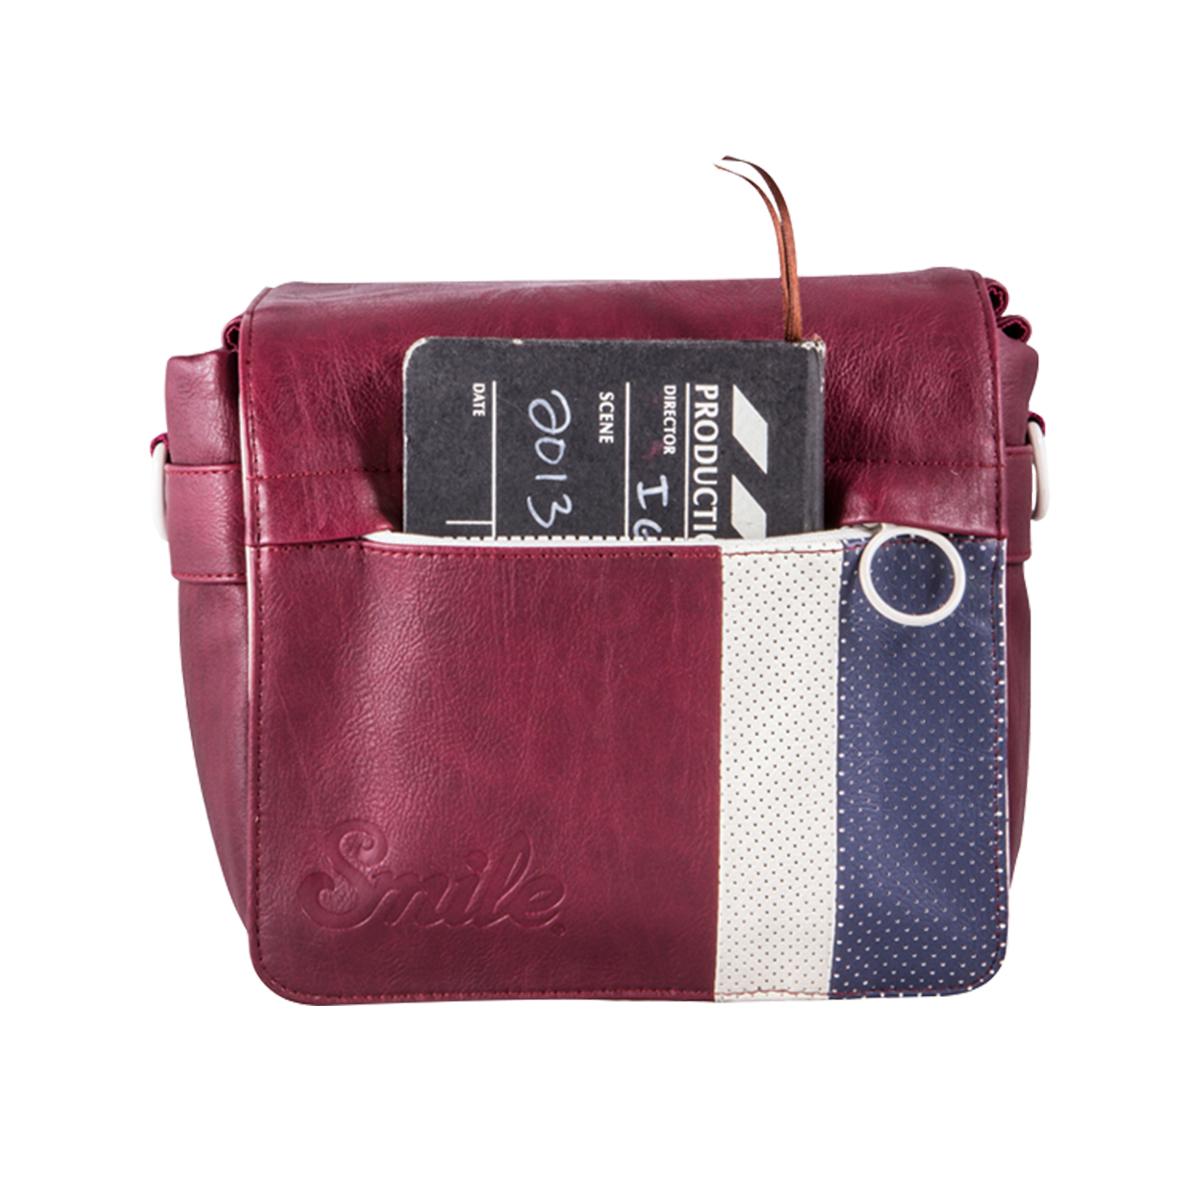 スマイル アーバンノマド カメラバッグ S Earth 【Urban Nomad Messenger Bag S】 sml1705301wn